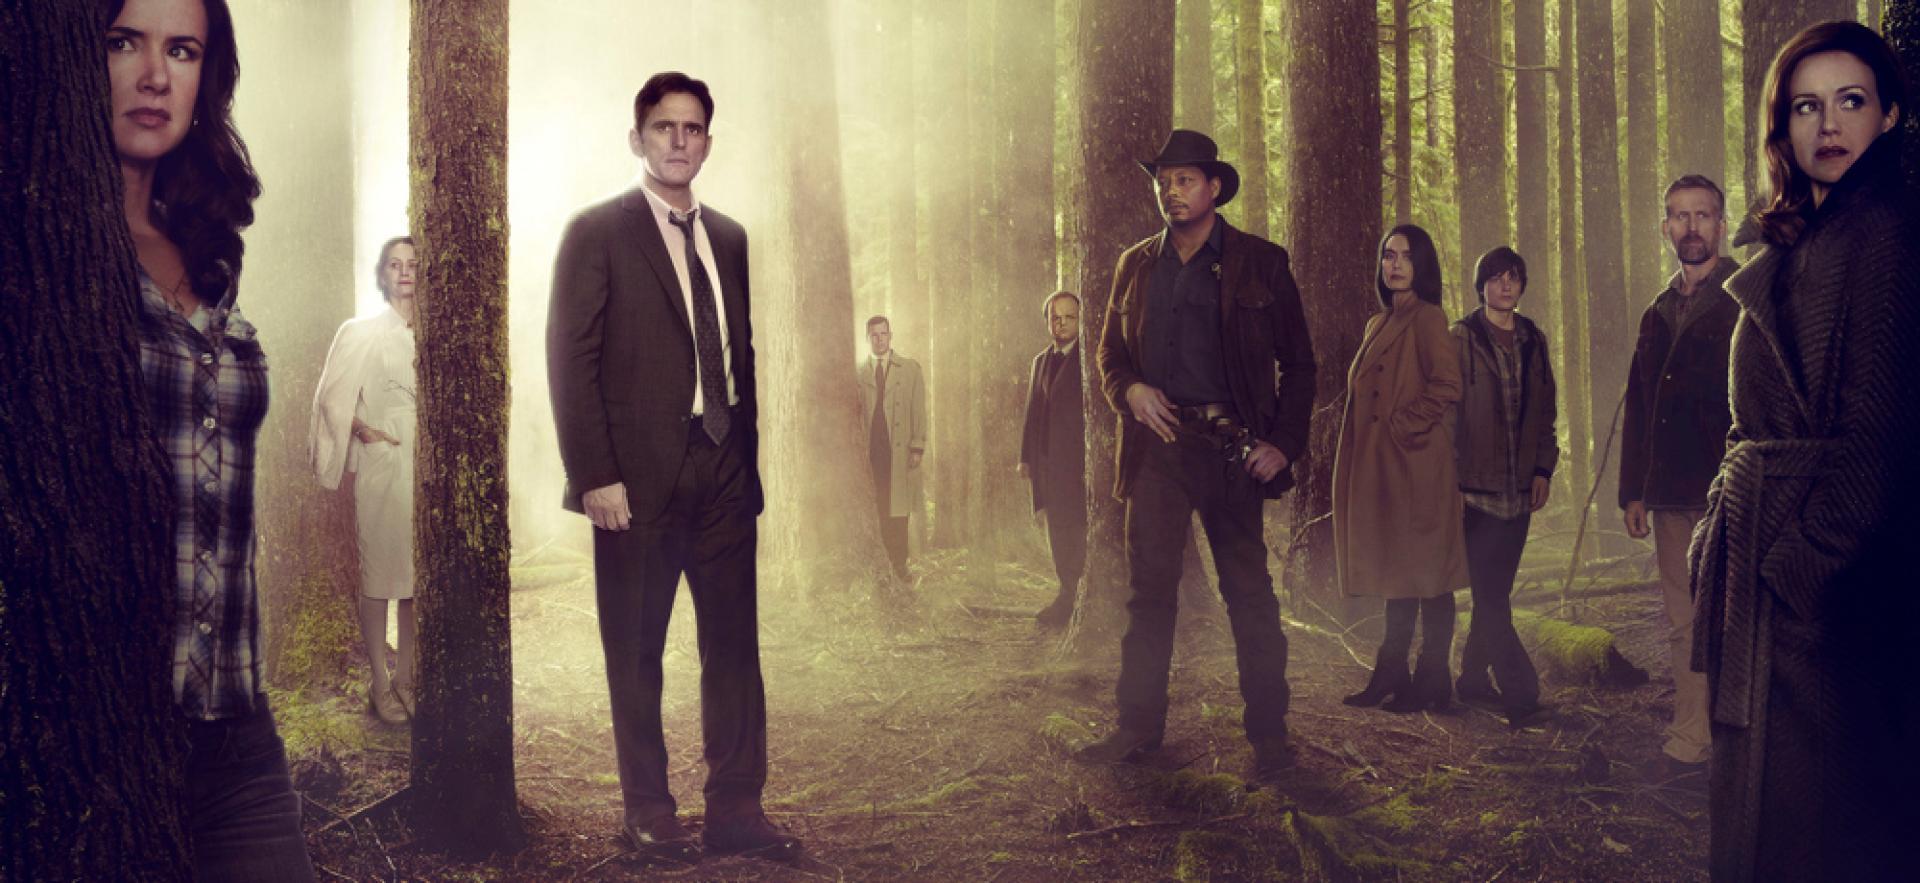 Wayward Pines S01E02